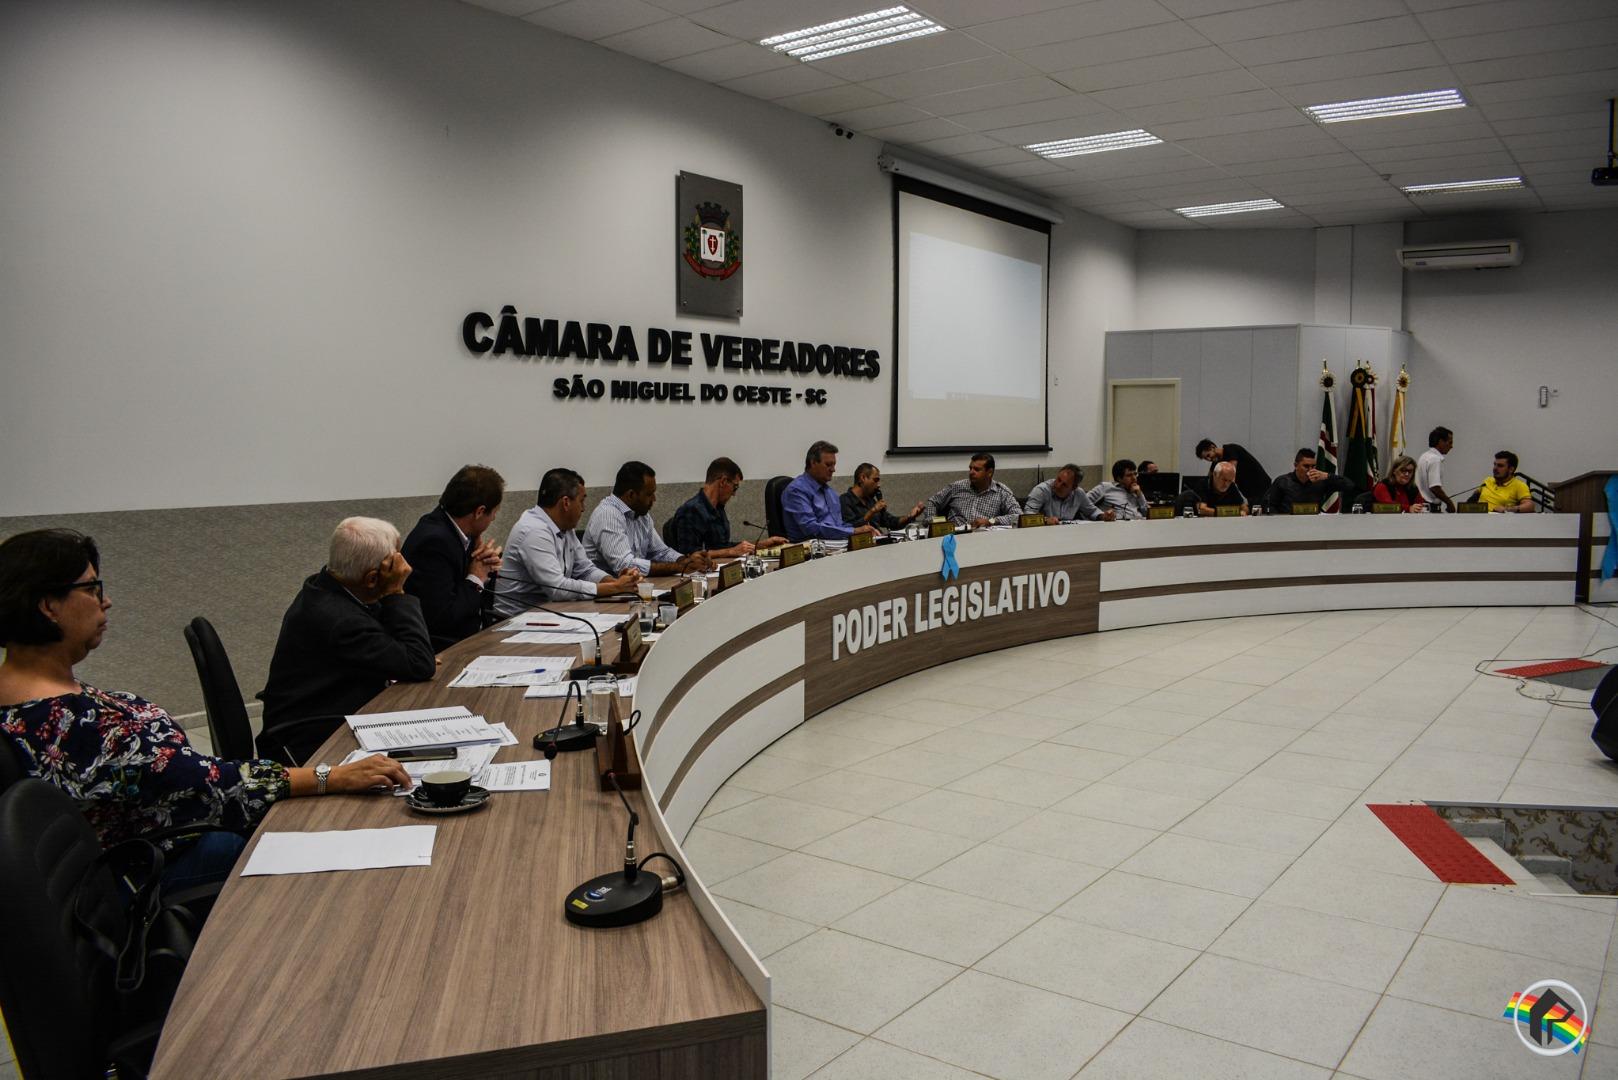 Legislativo aprova projeto de regularização fundiária urbana